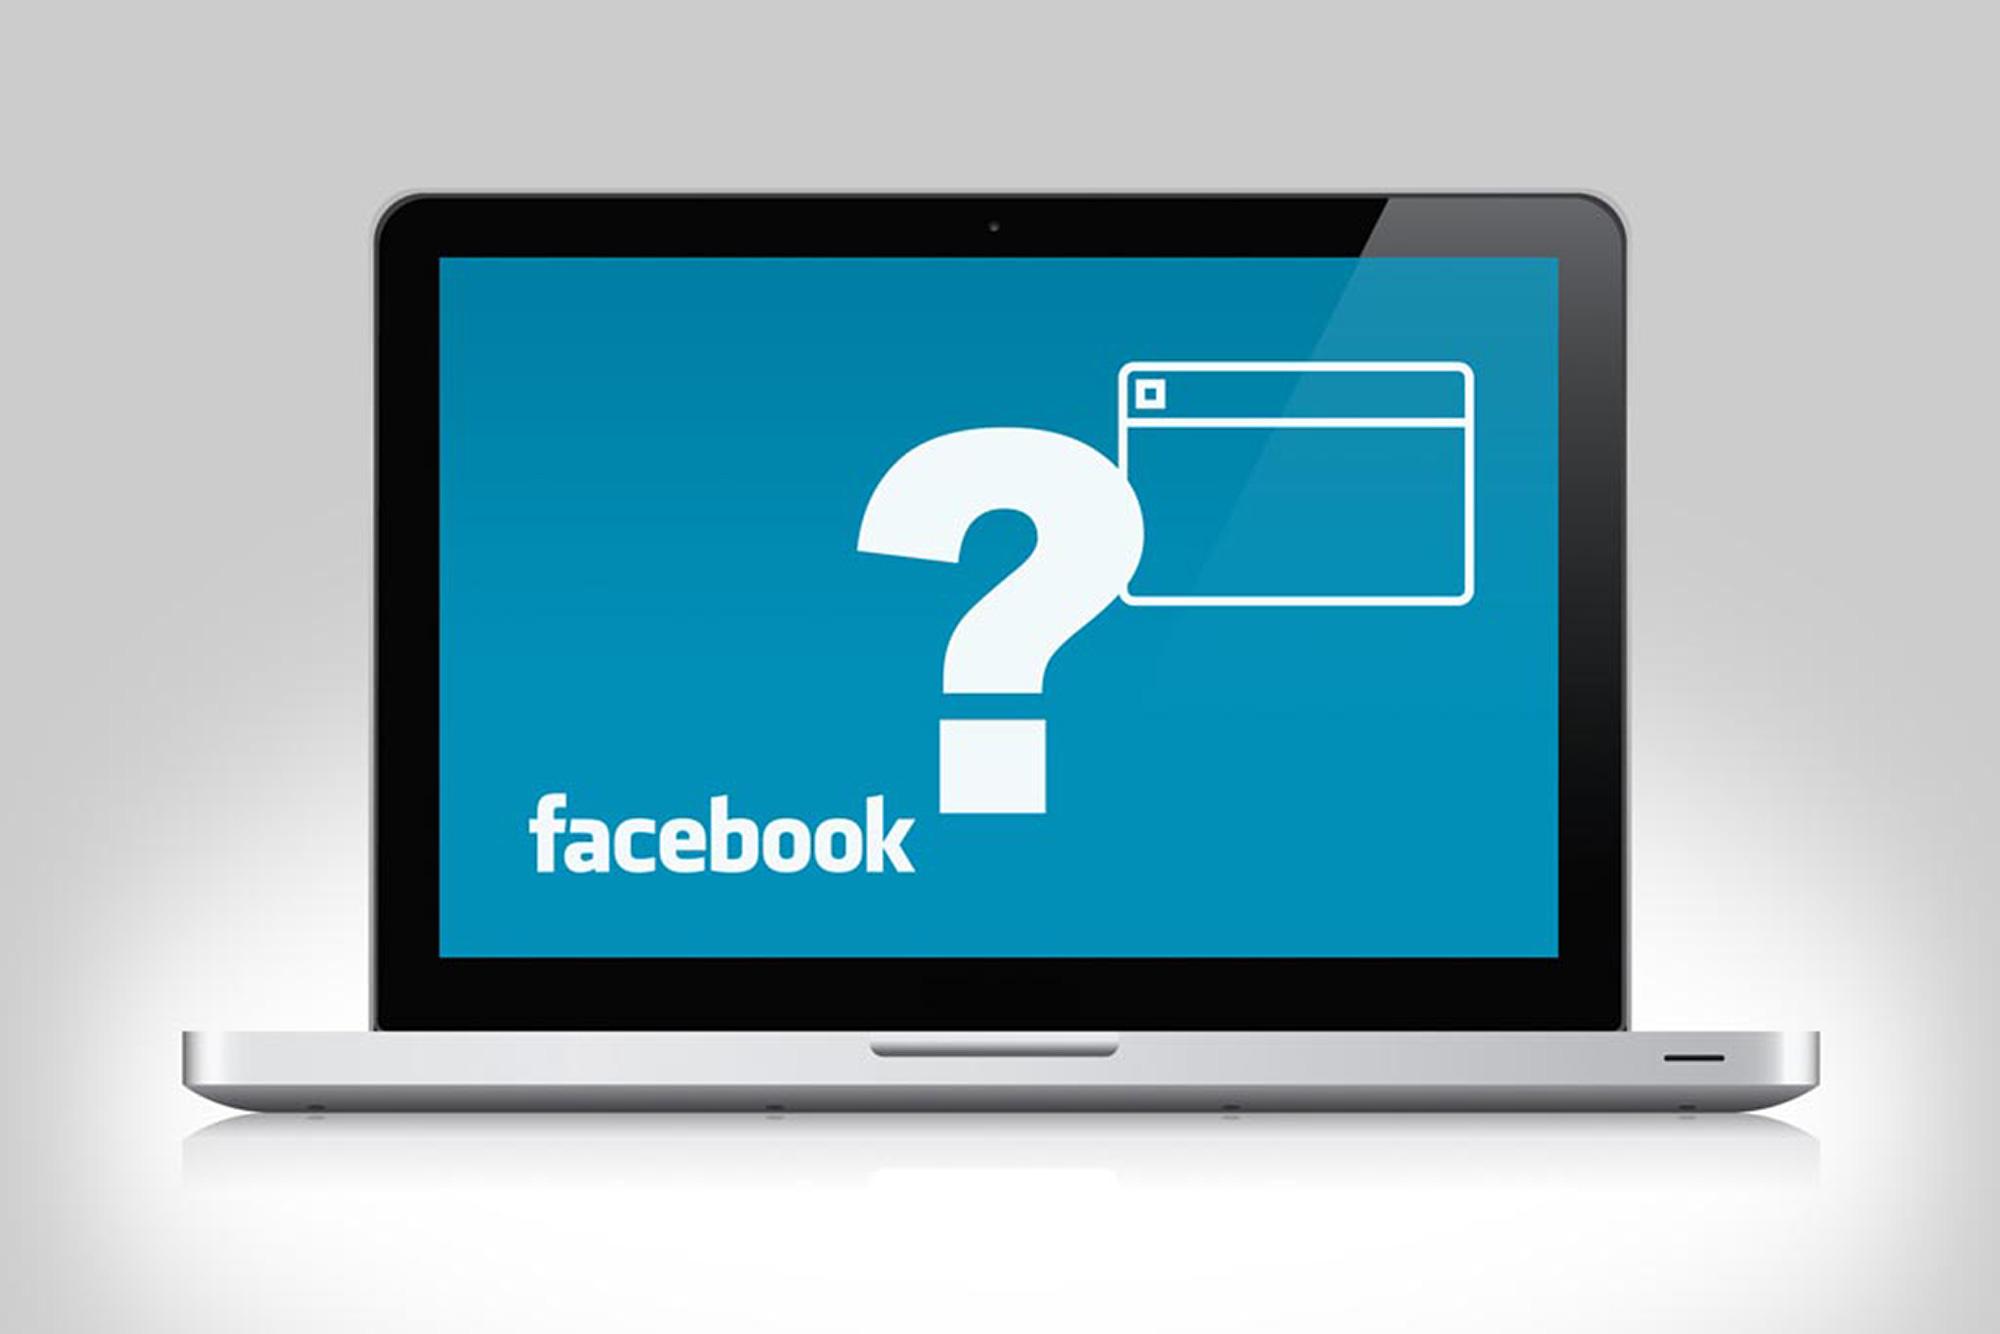 网页设计公司,品牌顾问,推荐,Facebook,脸书,screen_share_site